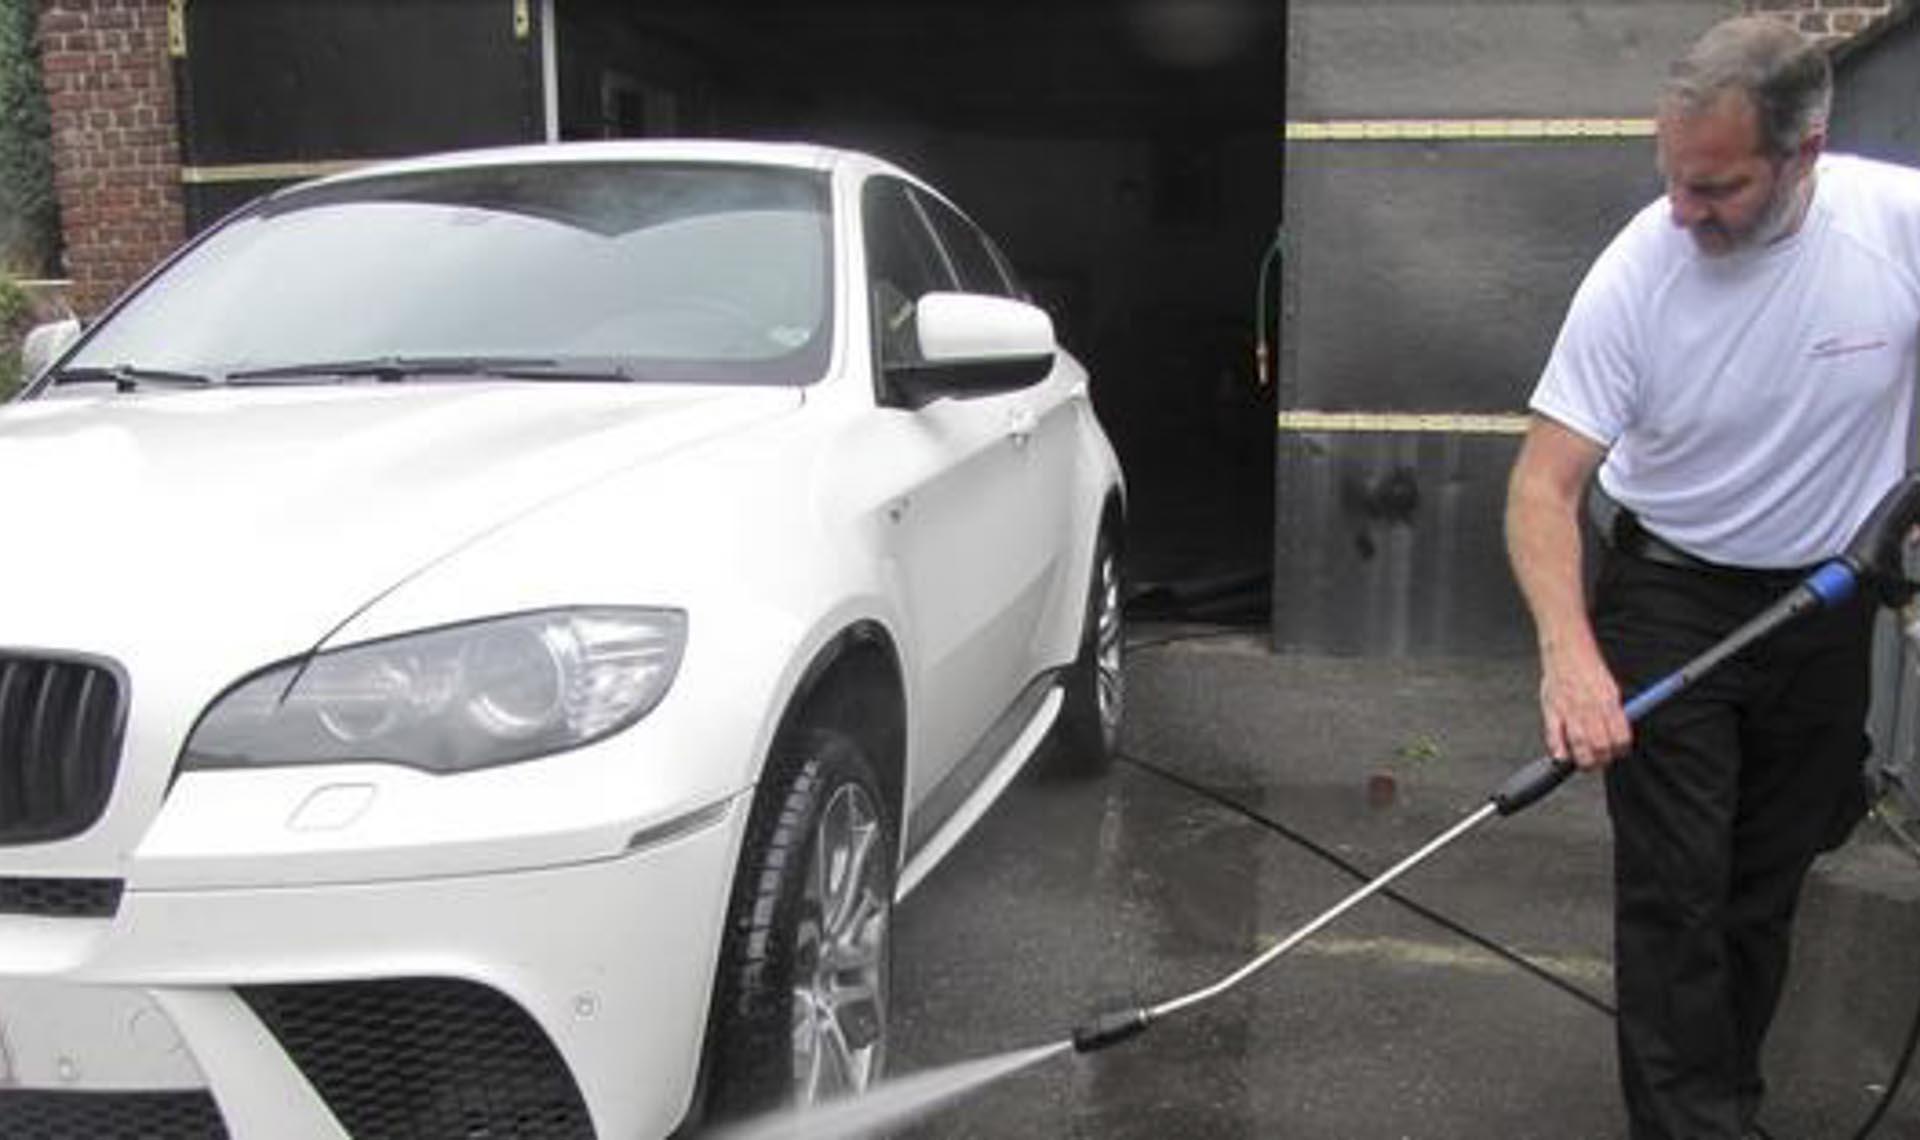 Lavage voiture interieur exterieur bruxelles for Lavage auto exterieur